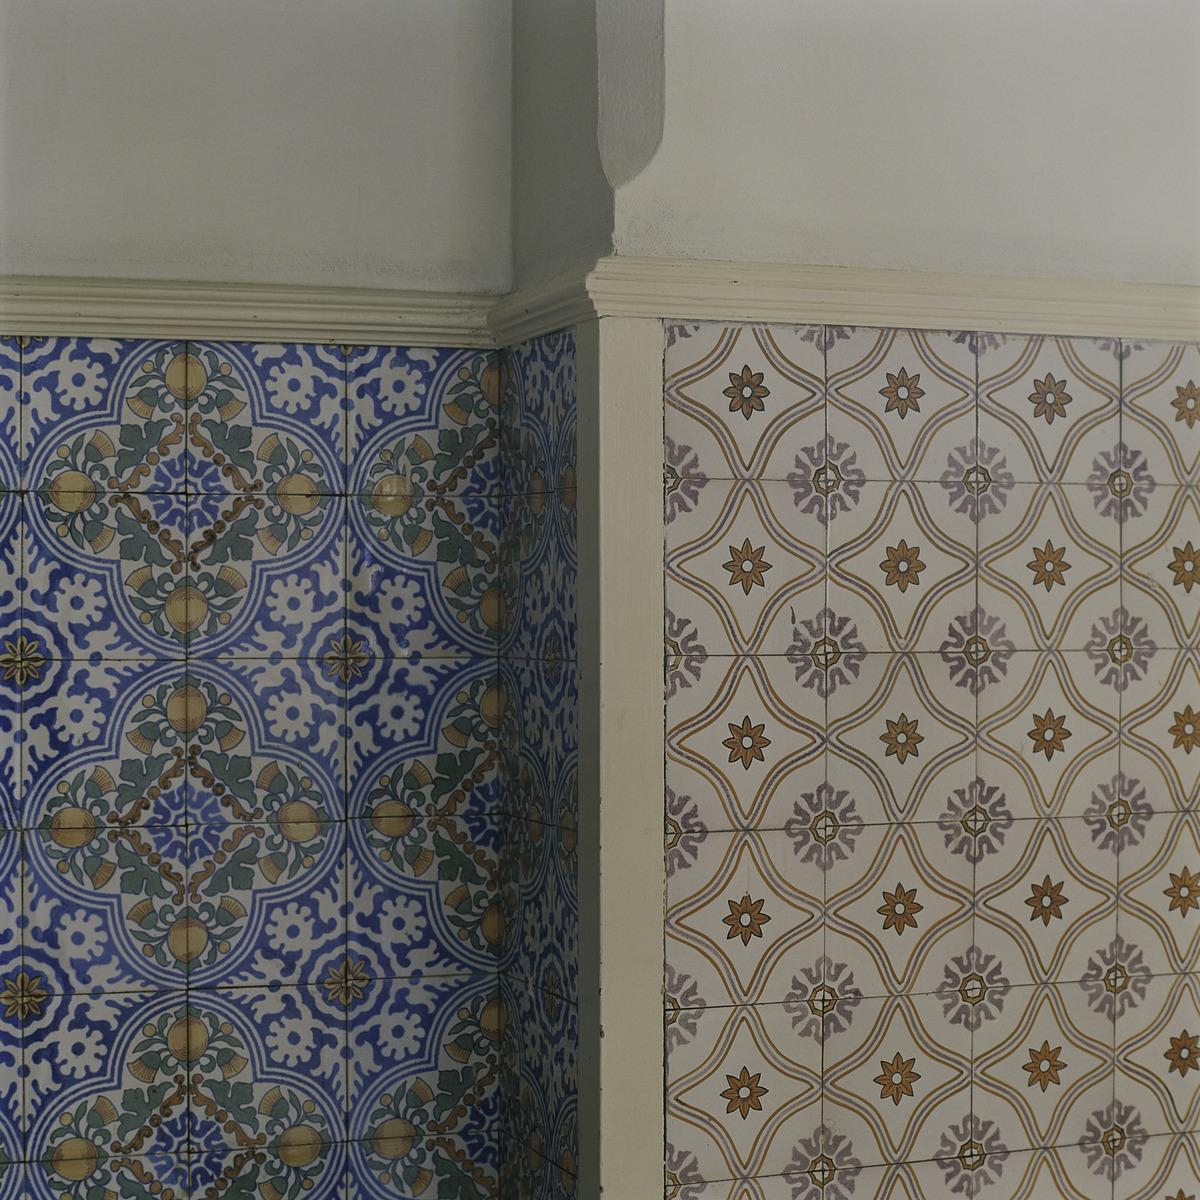 File Interieur, detail van een lambrisering van geglazuurde tegels in een gang, met